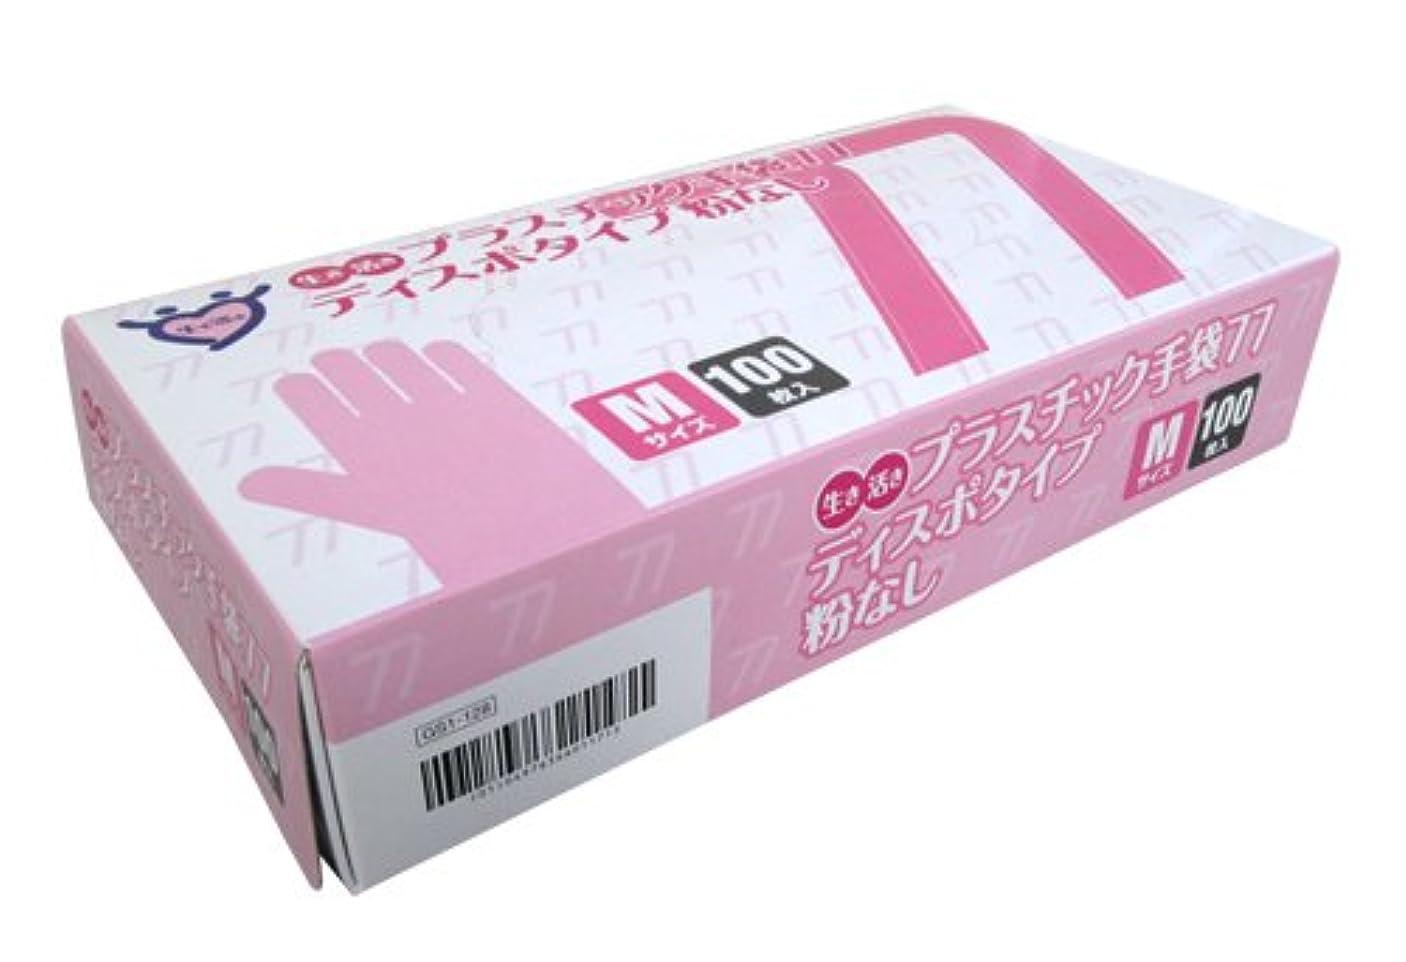 親指ペルソナ乱用宇都宮製作 生き活きプラスチック手袋77 ディスポタイプ 粉なし 100枚入 M